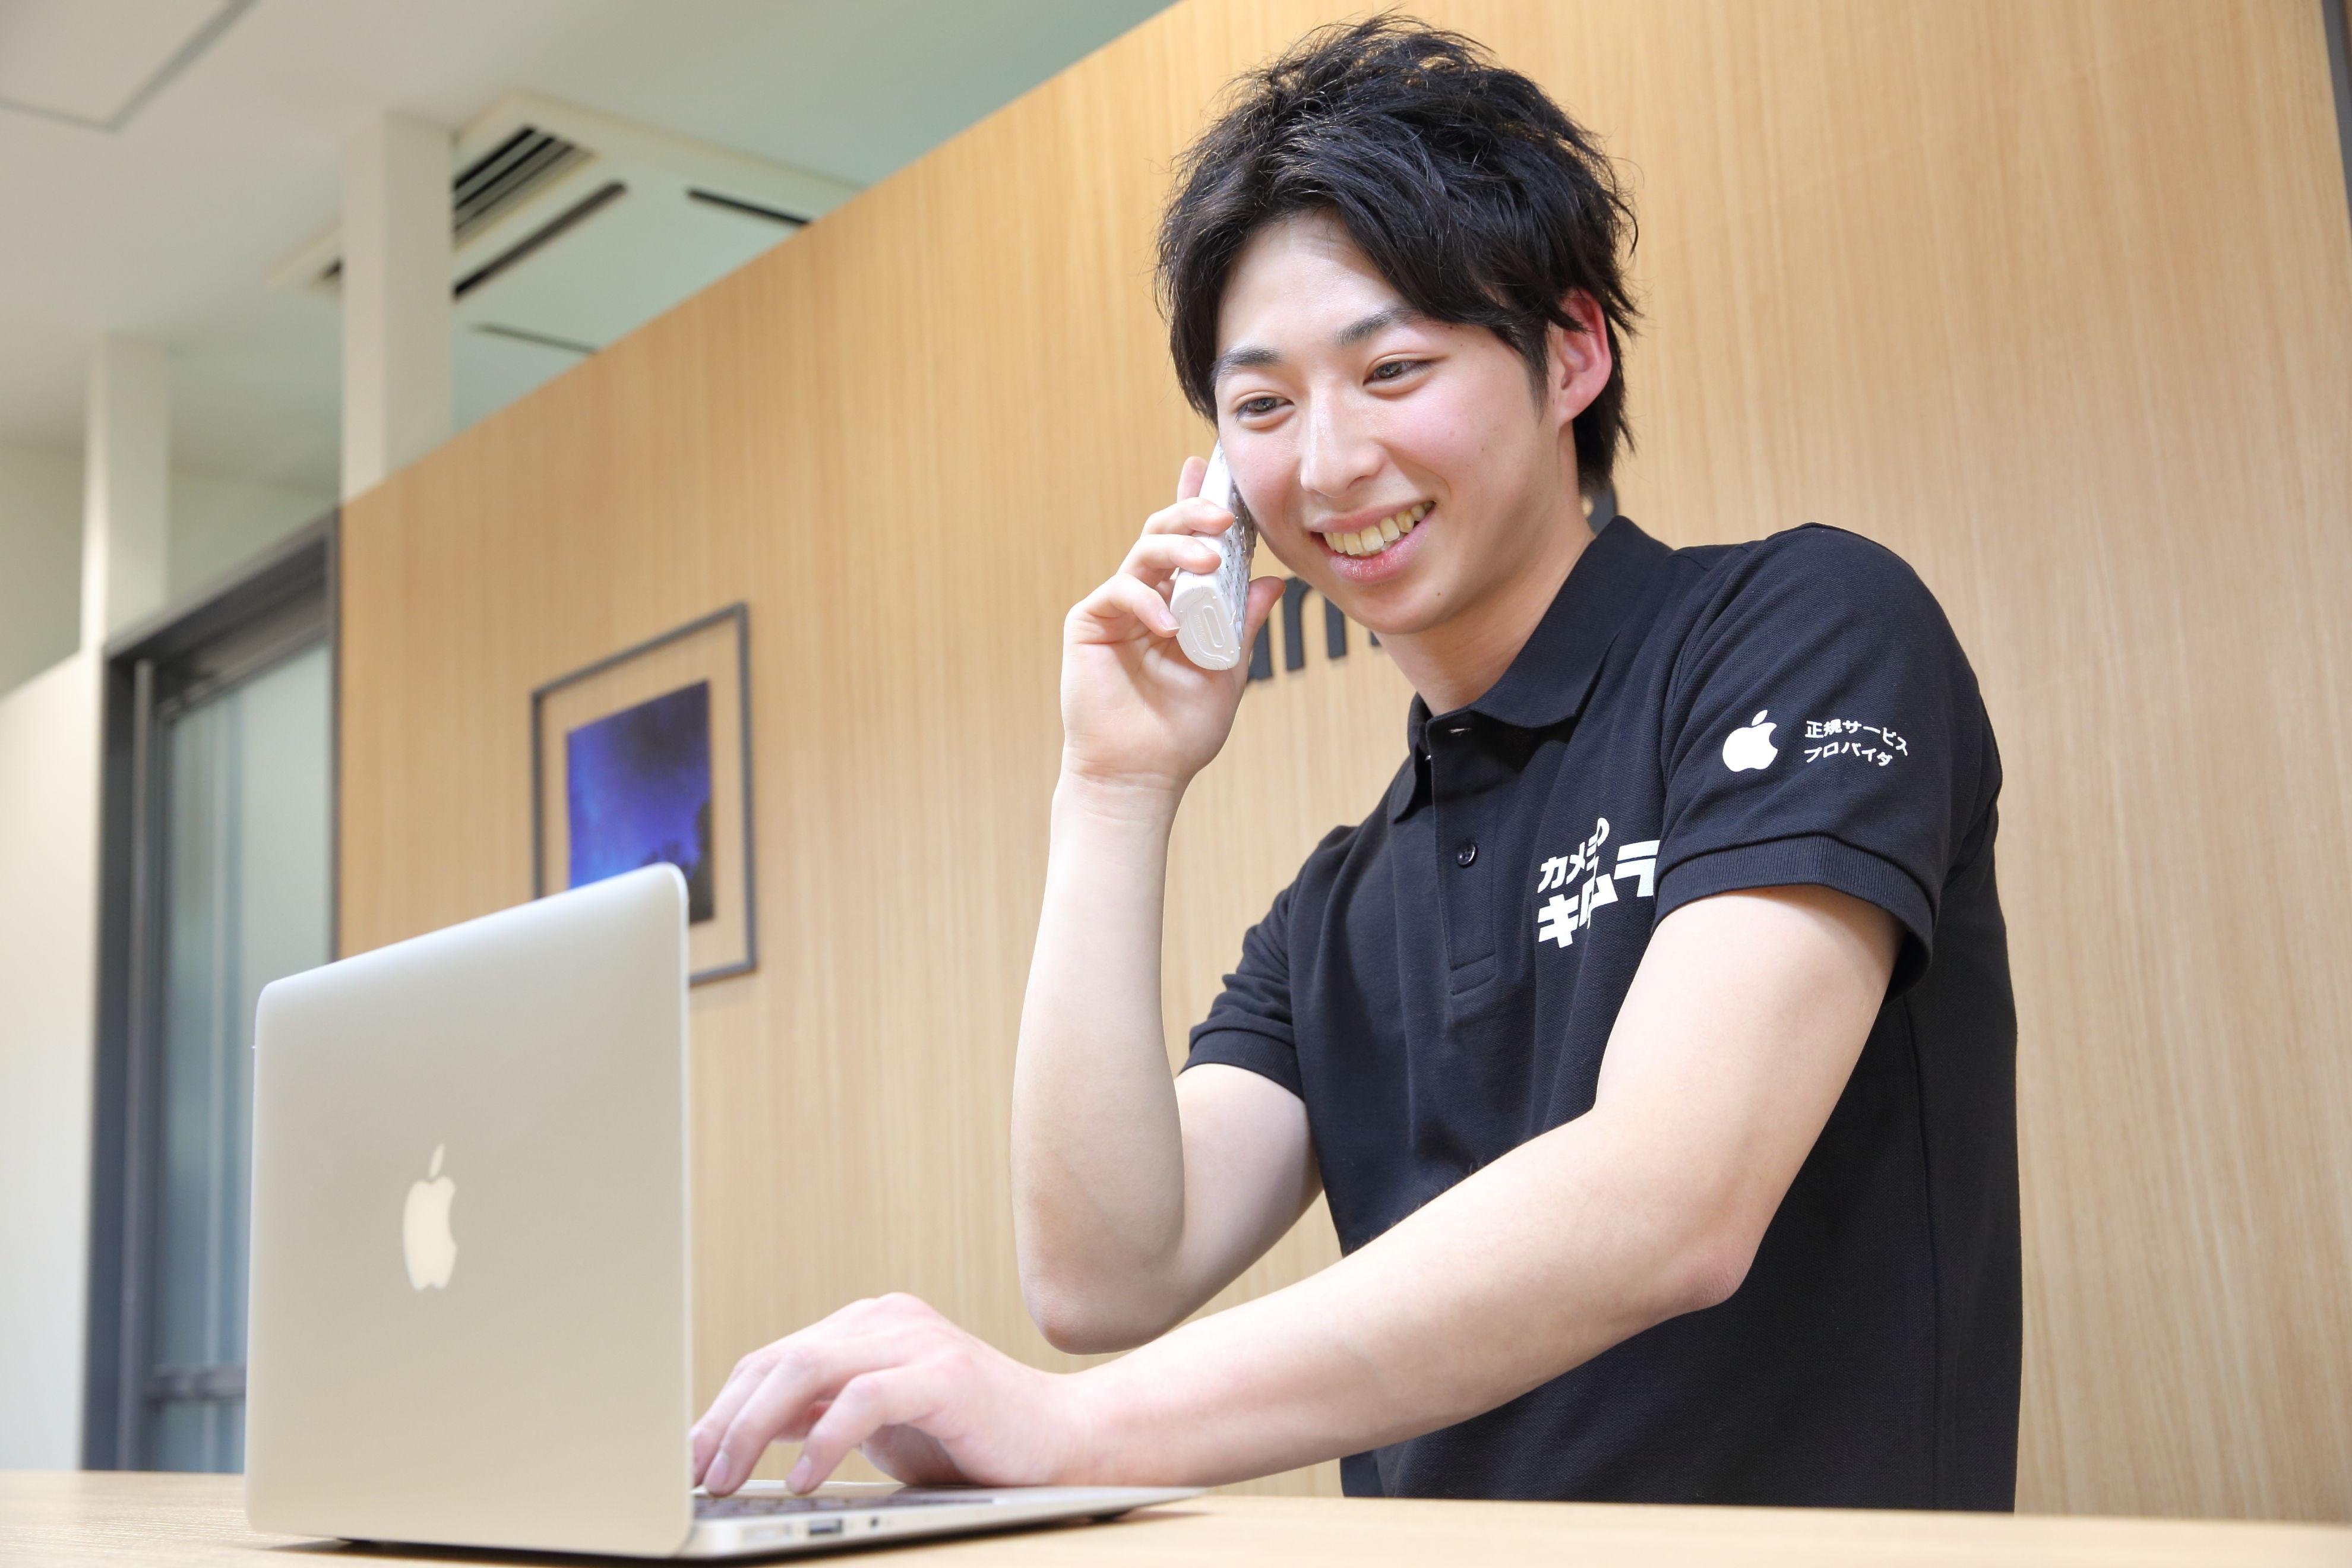 カメラのキタムラ アップル製品サービス 岐阜/加納店 のアルバイト情報